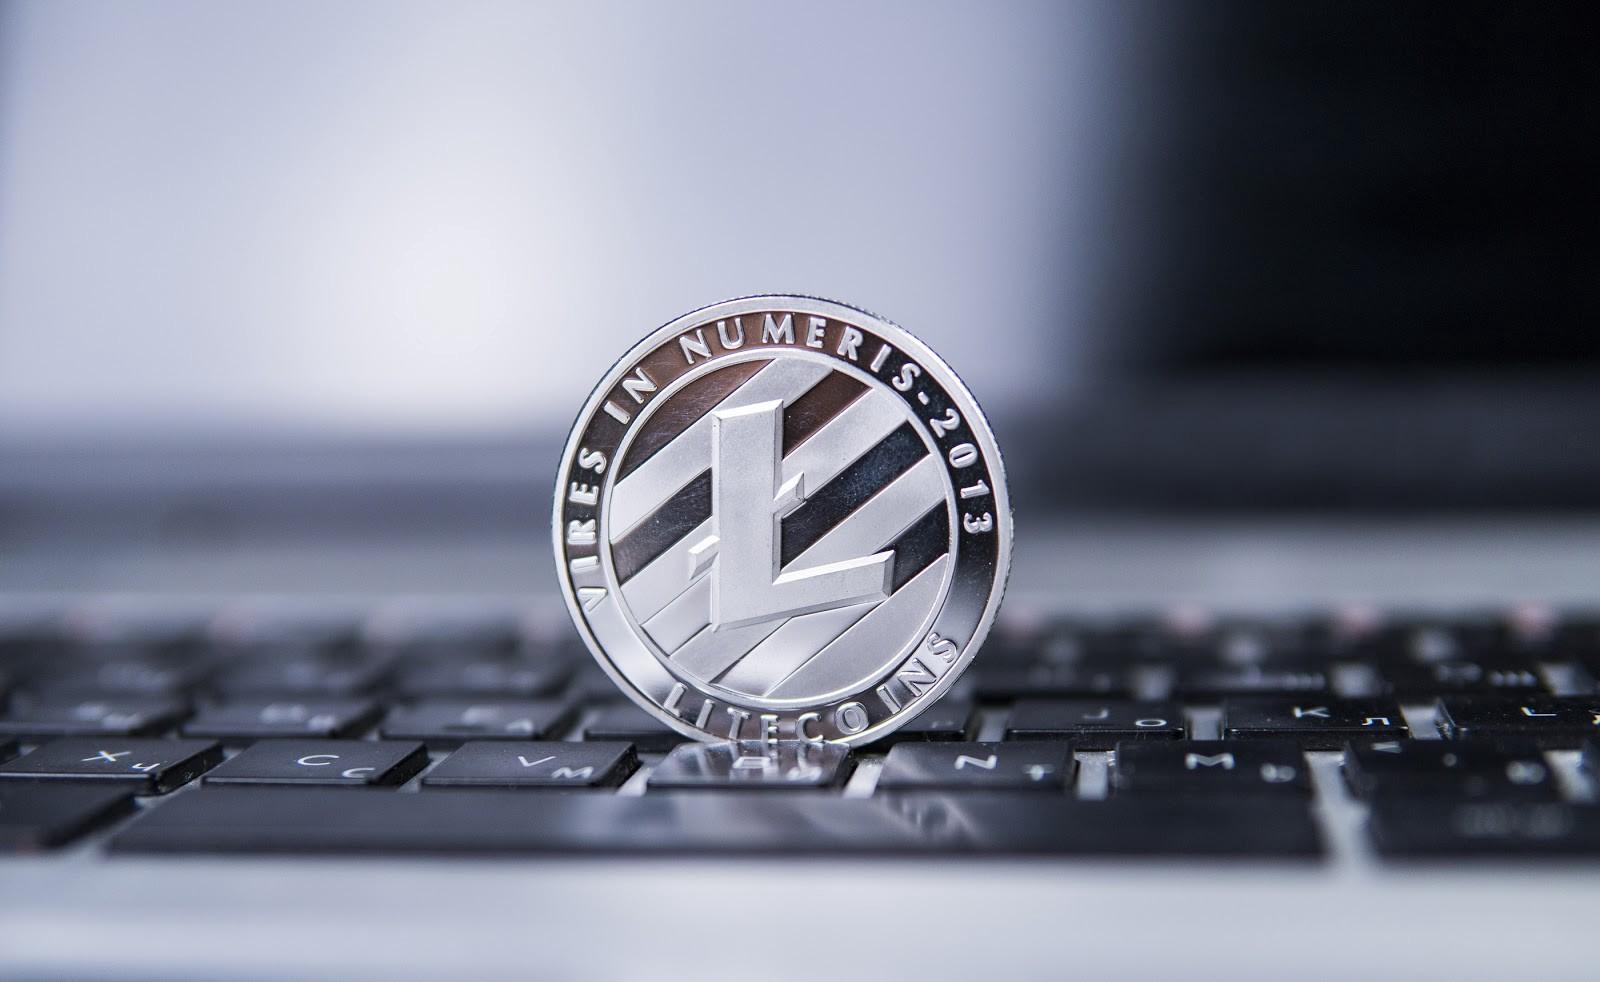 Litecoinin LTC Hasratei Yüzde 70 Düştü